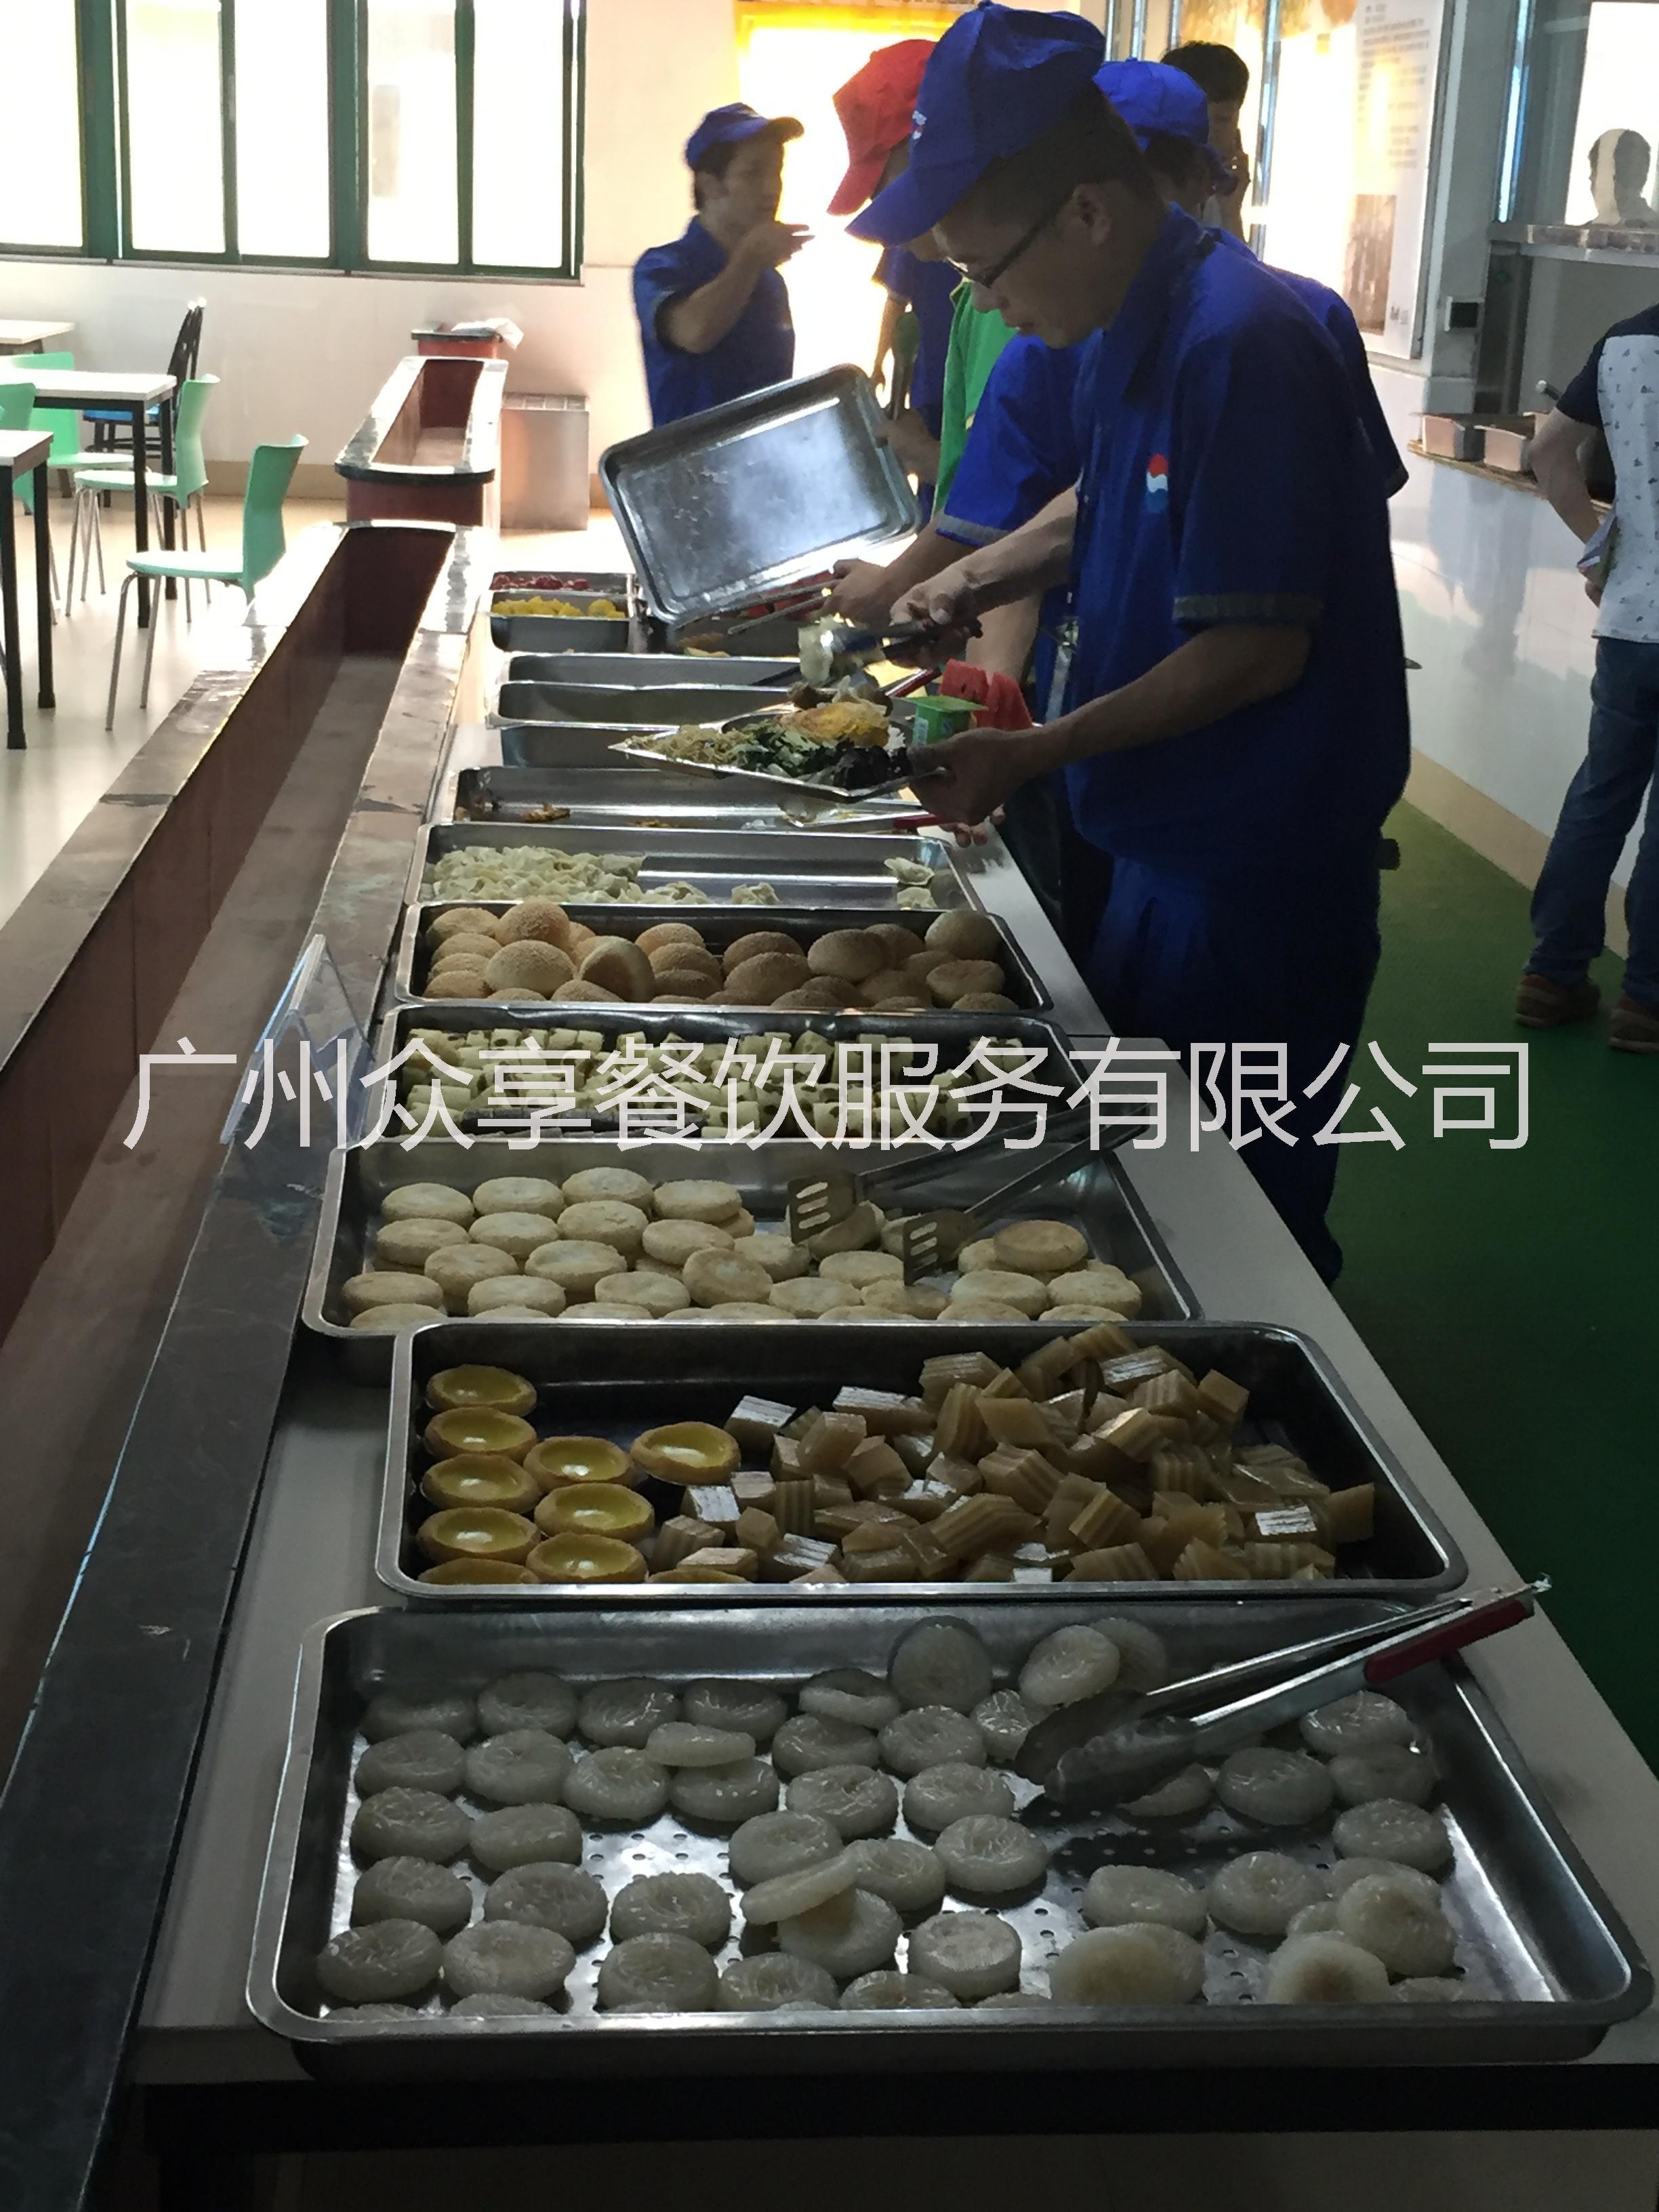 供应广州市黄埔区配餐公司、快餐配送